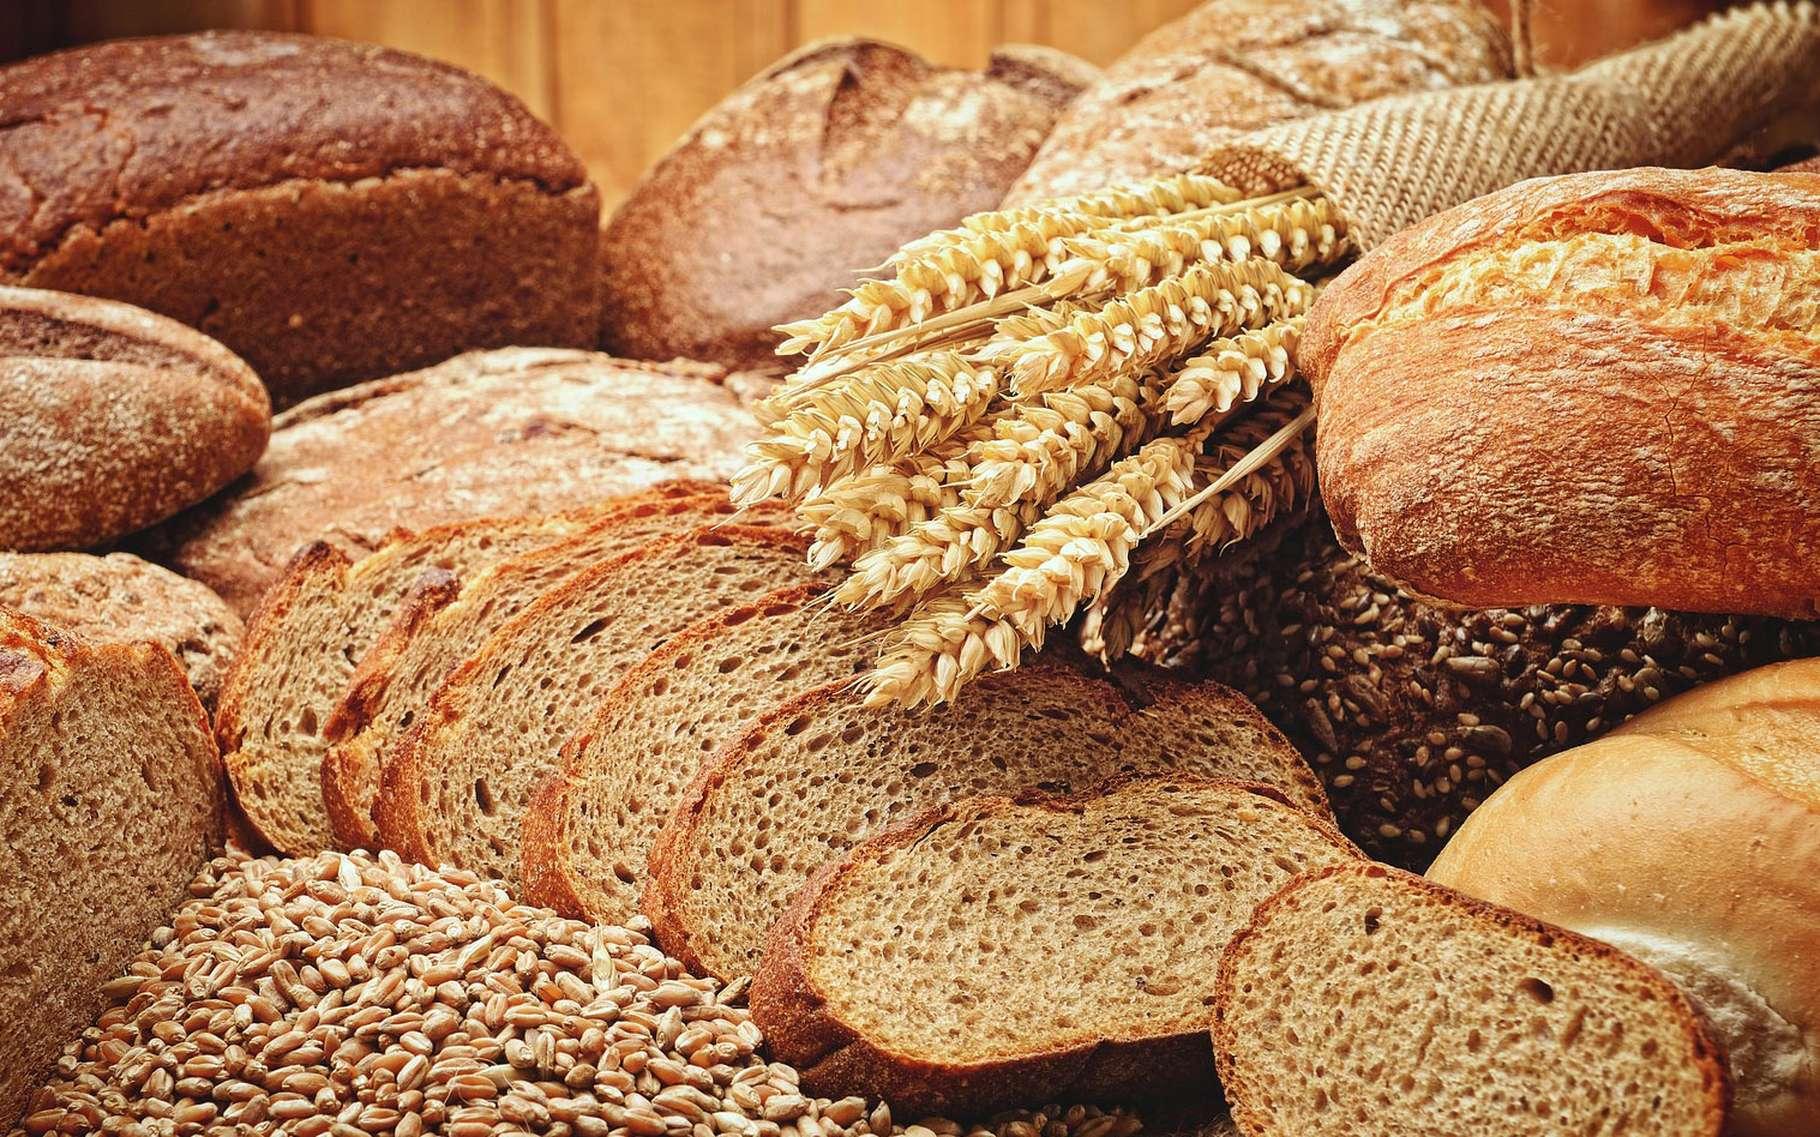 Pain aux céréales, pain au seigle, pain à l'épeautre ou encore pain complet, pain blanc ou pain au levain. Il existe presque une infinie variété de pains. Certains se distinguent par leurs ingrédients, d'autres plus largement par leurs recettes de fabrication ou encore par leurs formes. Et bien sûr, par leur goût, tantôt acide ou fruité, tantôt marqué par les céréales.Chaque pain — ou presque — présente des qualités nutritionnelles qui lui sont particulières. Certains affichent des indices glycémiques plus faibles que d'autres. D'autres sont plus riches en minéraux ou en fibres. D'autres sont bien plus digestes.Et si en France, la baguette fait figure de tradition, d'autres pays sont aussi connus pour leur attirance pour le pain. Rien qu'en Europe, on en consomme chaque année plus de 30 millions de tonnes. Pour un marché mondial qui ne cesse de croitre. © aureliofoxrj, Pixabay, CC0 Creative Commons